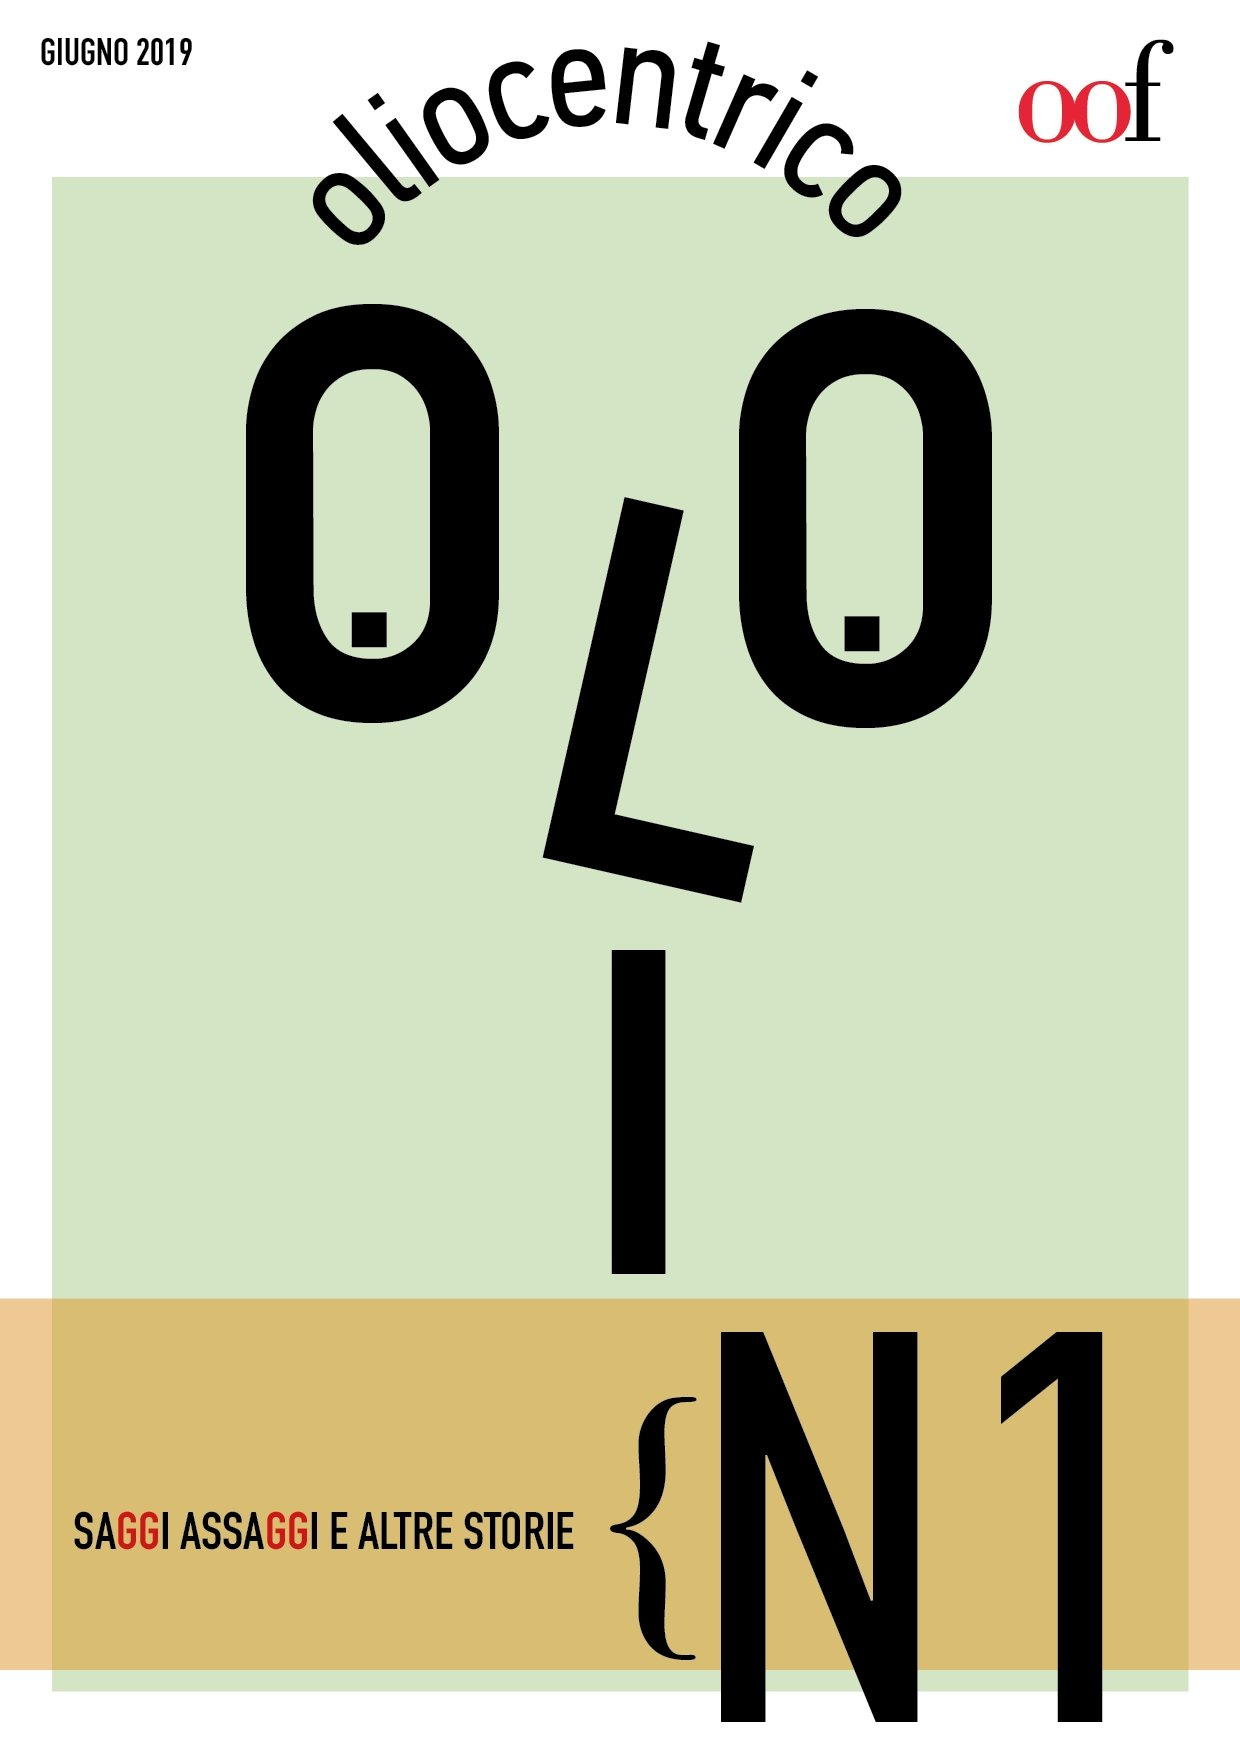 Il primo numero di Oliocentrico per chi sbadatamente non lo avesse ancora letto